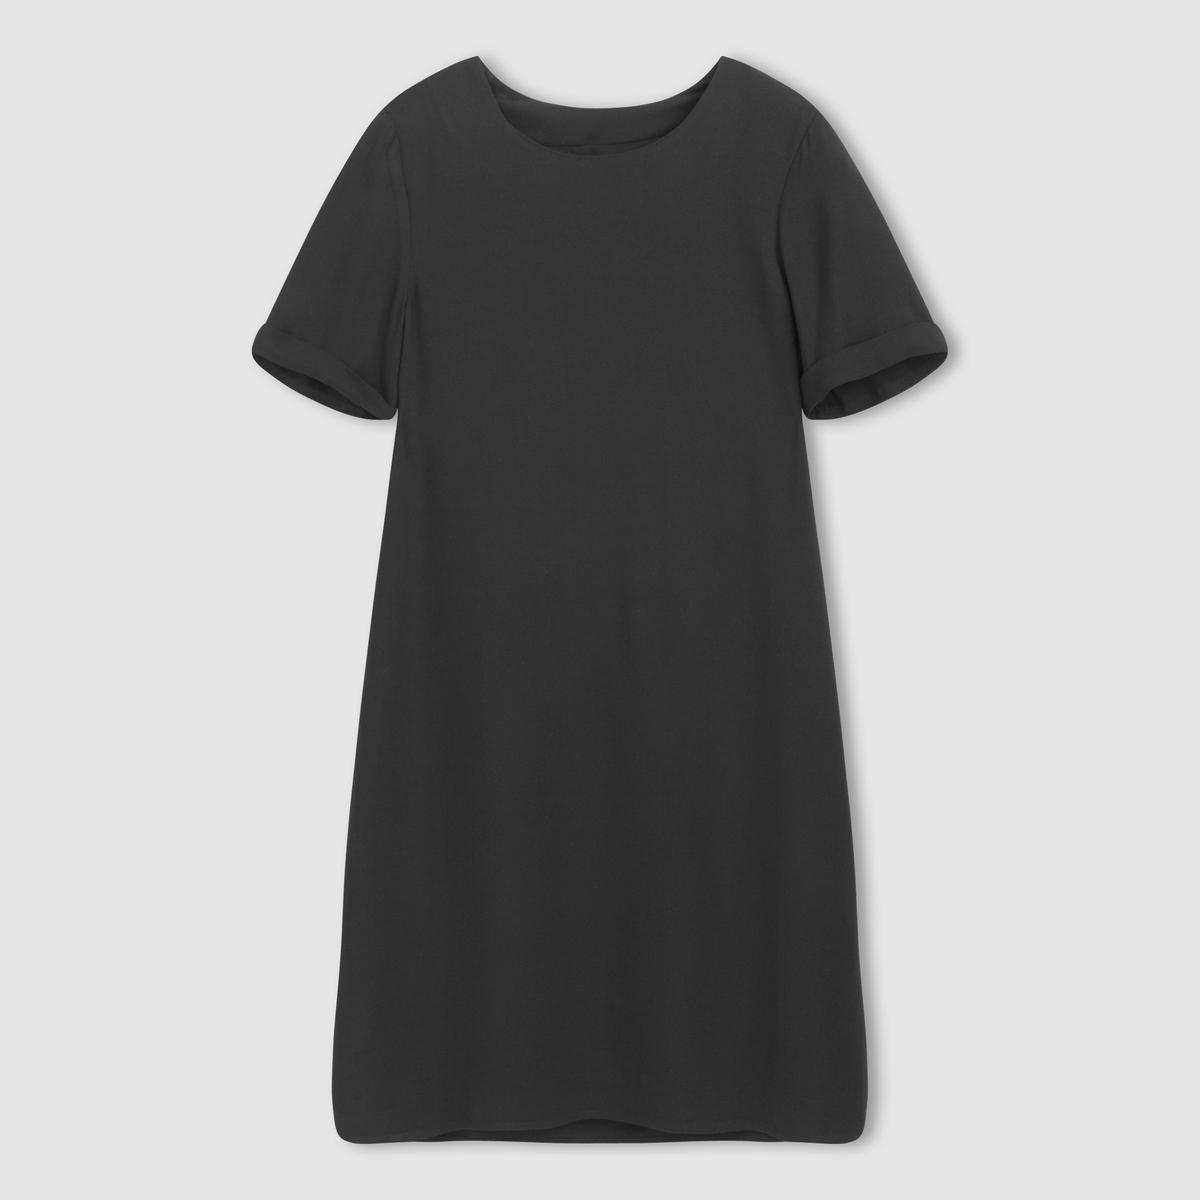 Платье с короткими рукавамиПлатье-футляр. 100% вискозы. Подкладка из 100% полиэстера. Короткие рукава. Закругленный вырез. Длина ок.95 см.<br><br>Цвет: фиолетовый,черный<br>Размер: 34 (FR) - 40 (RUS).36 (FR) - 42 (RUS)